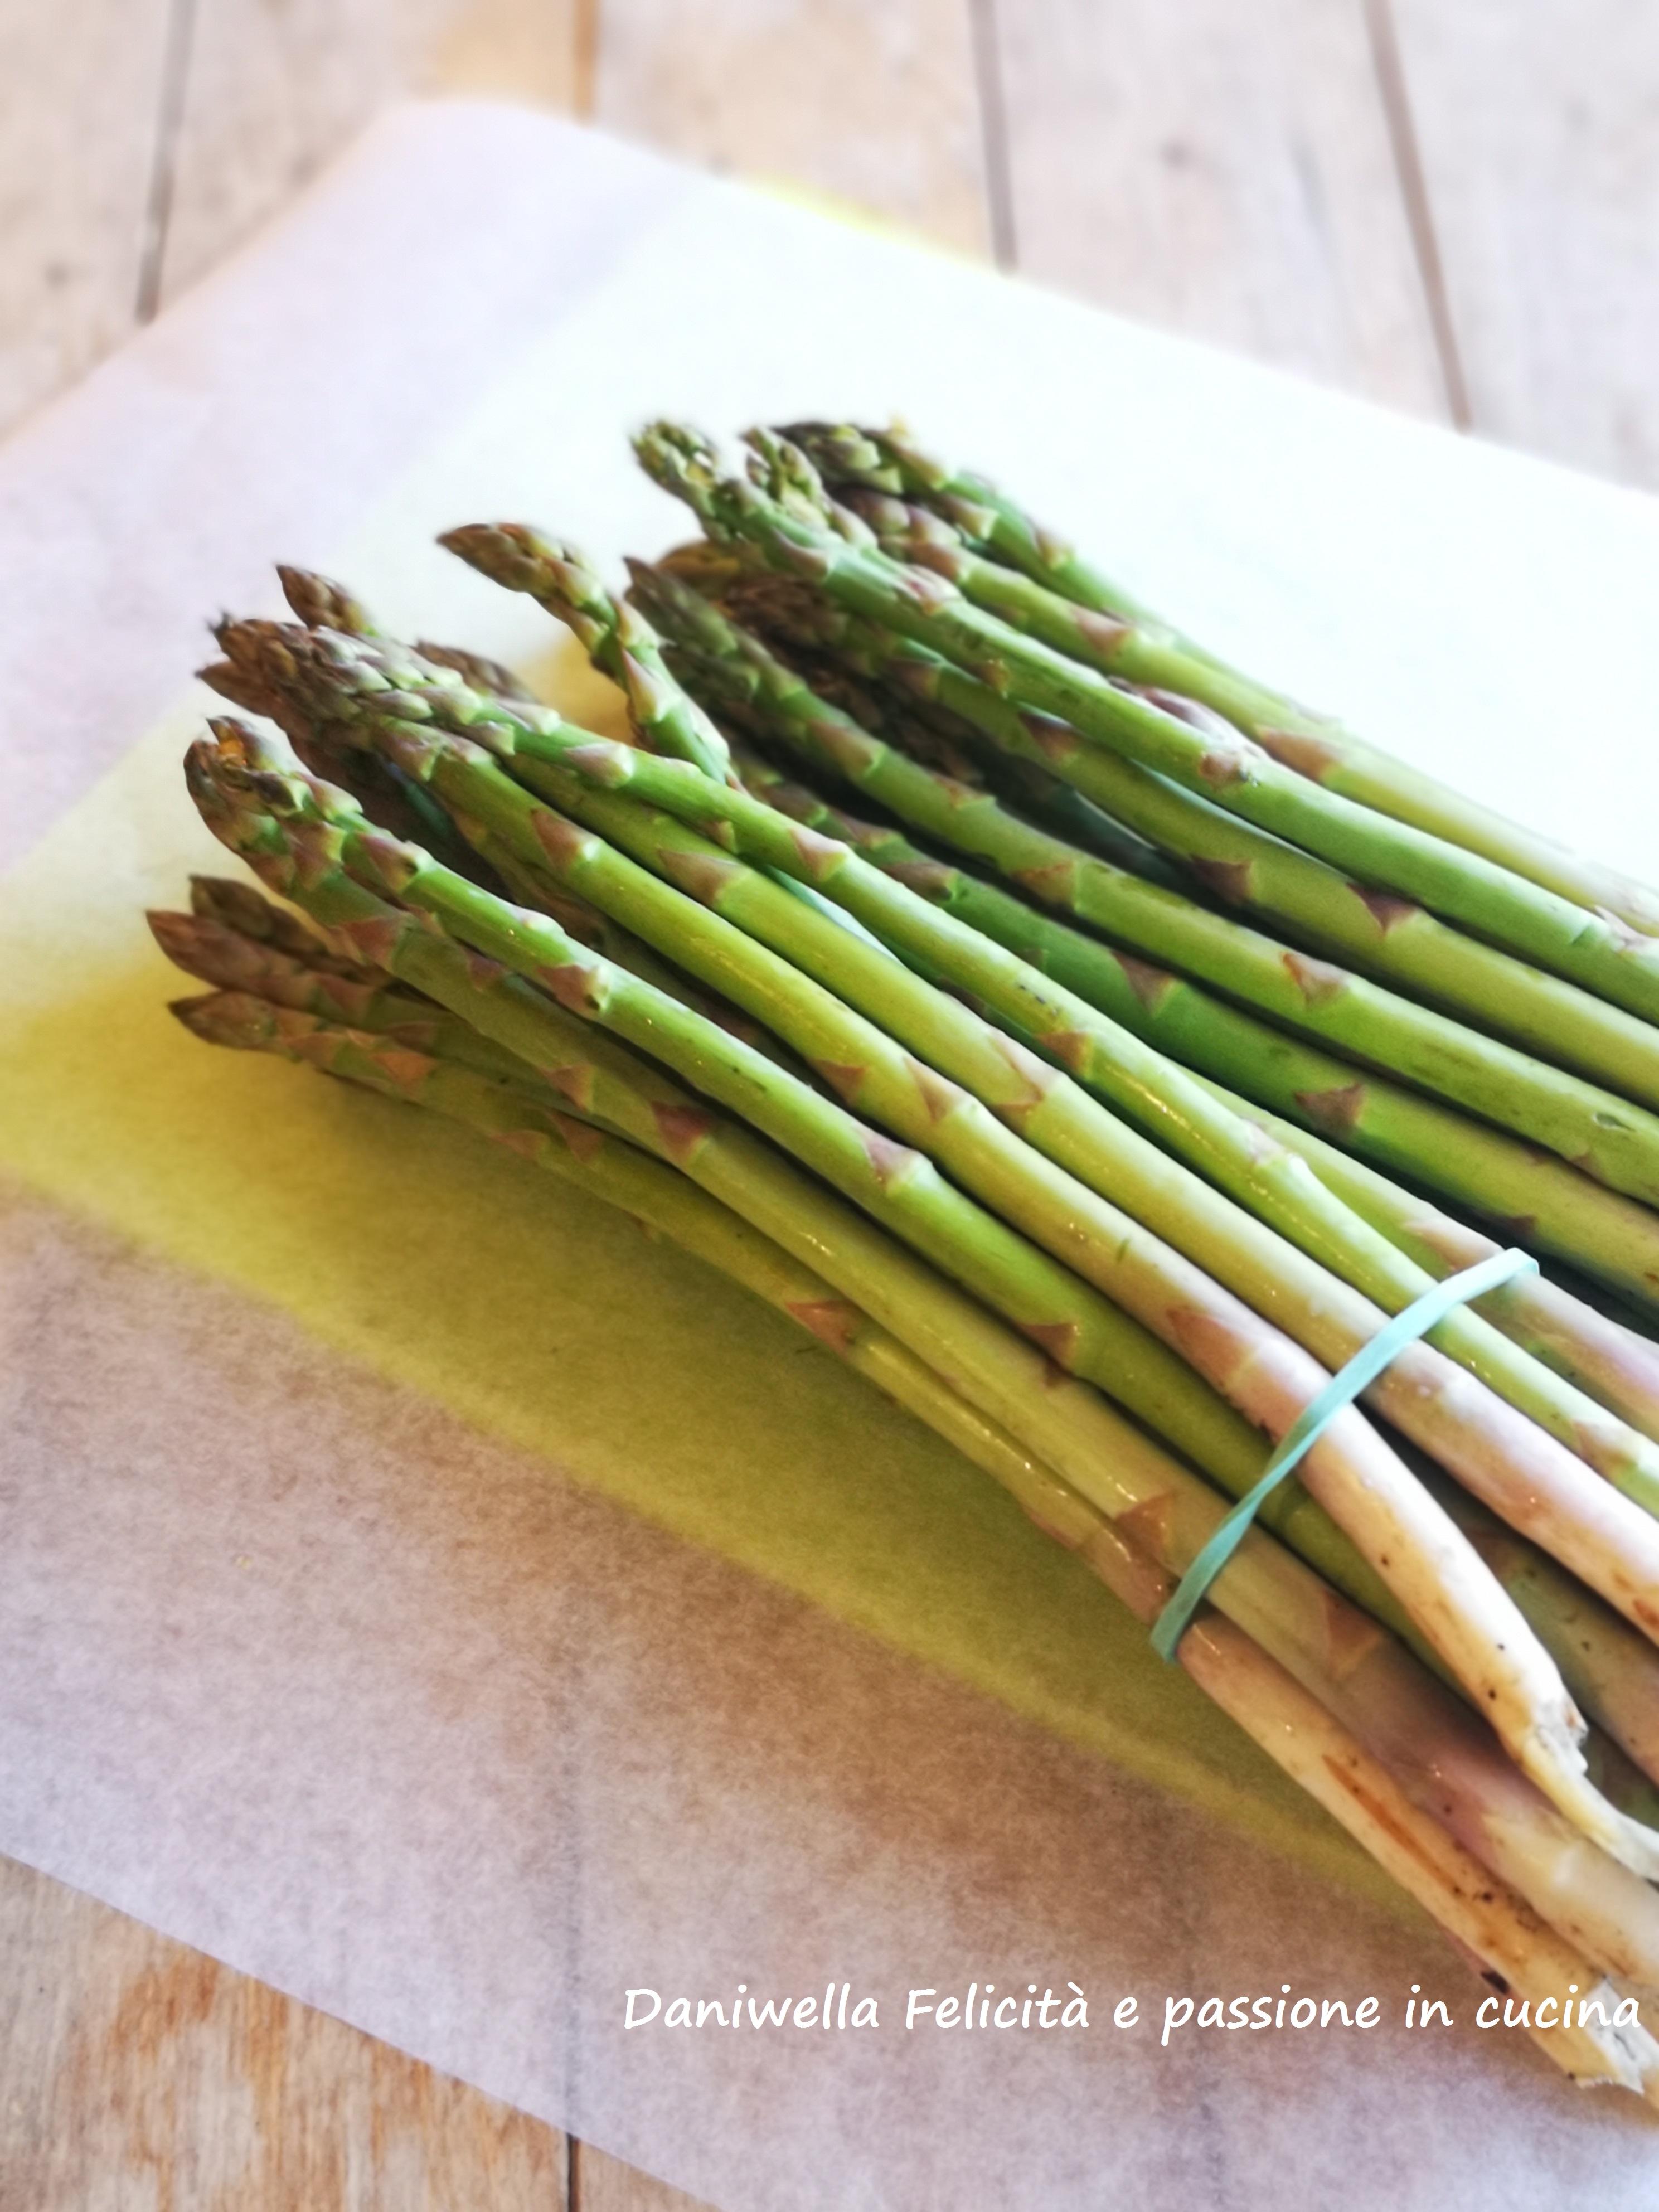 Cominciate tagliando l'estremità bianca degli asparagi verdi, che è la parte più dura e buttatela.